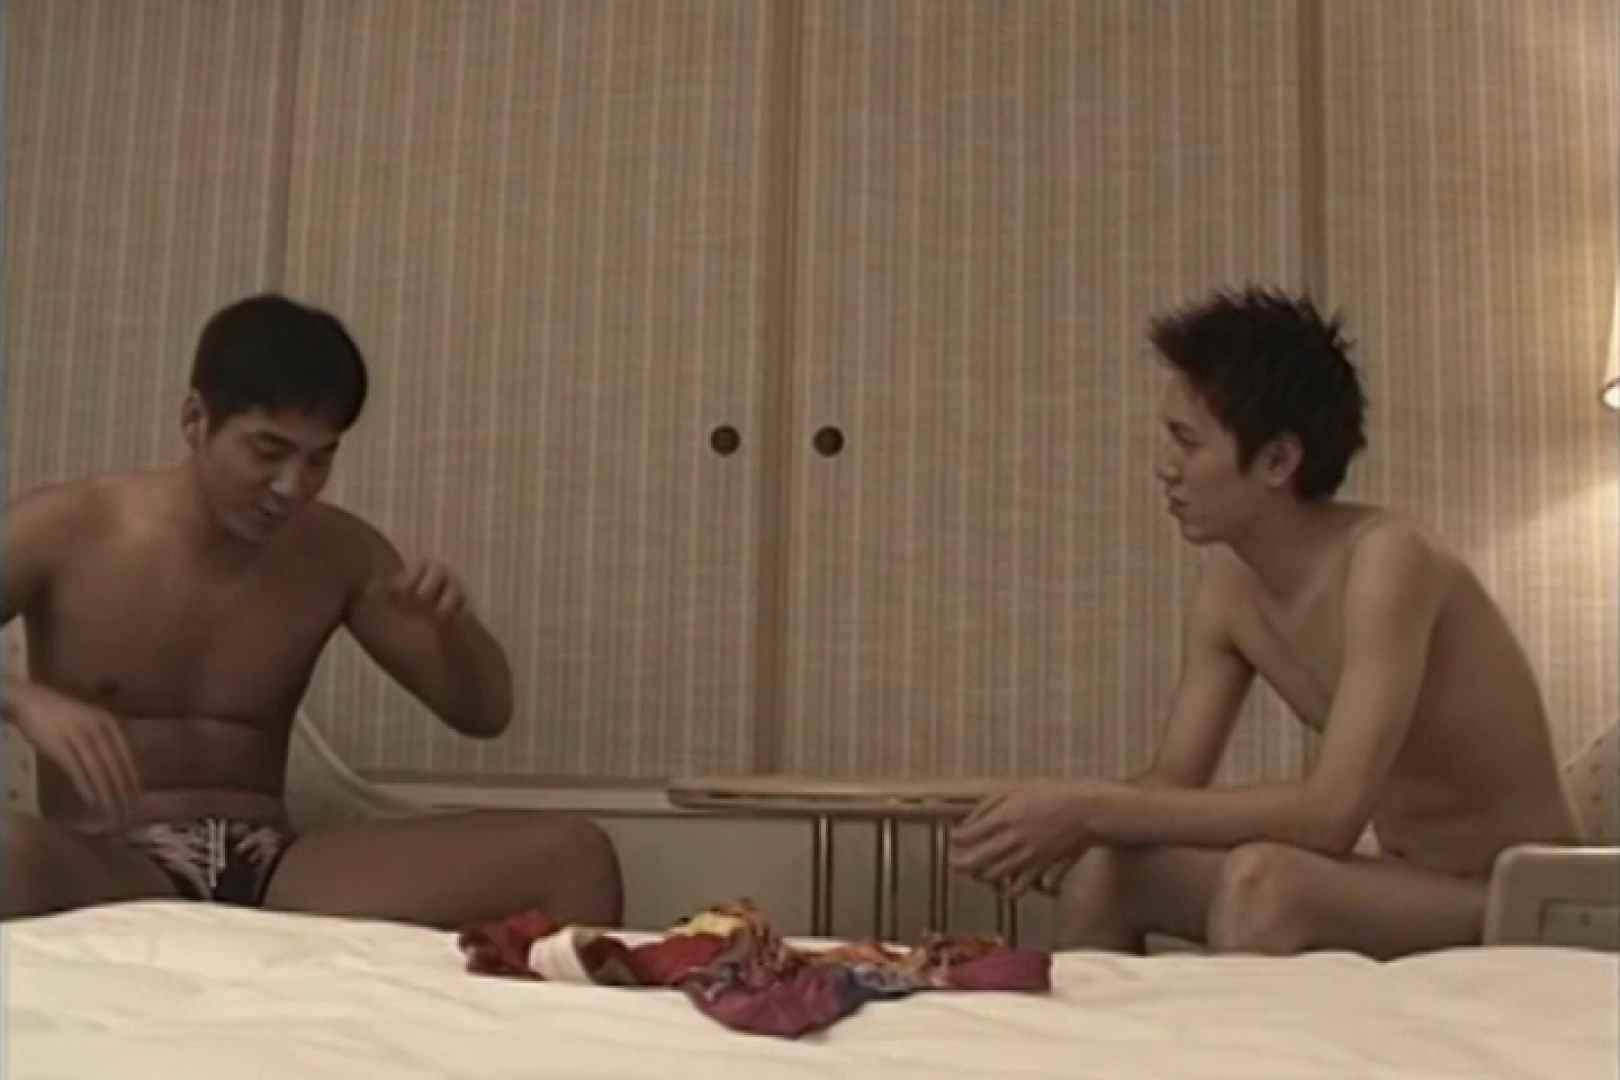 スポメン競パン部、真っ盛り!!Vol.02 玩具 ゲイアダルトビデオ画像 99枚 6